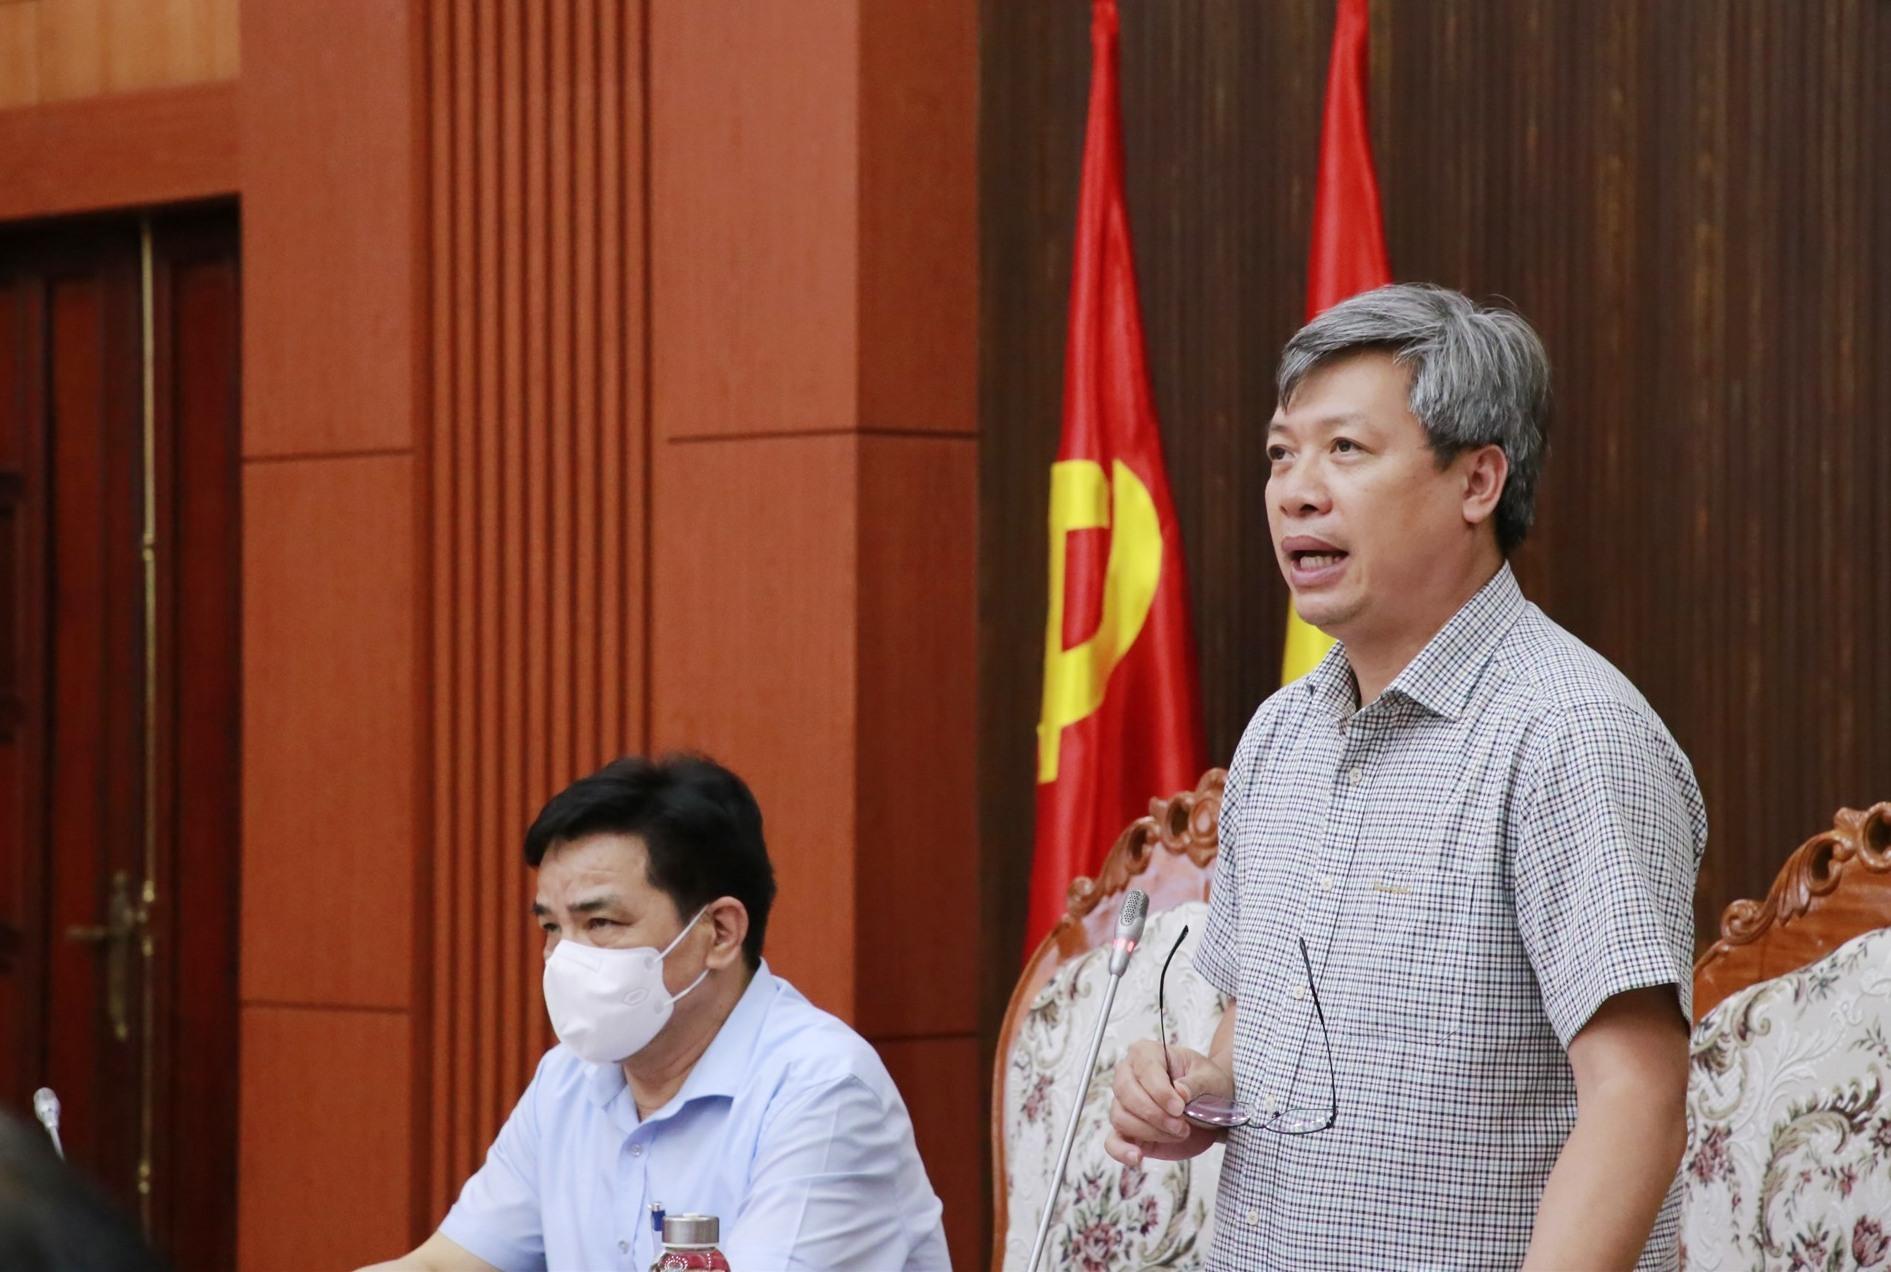 Phó Chủ tịch UBND tỉnh Hồ Quang Bửu phát biểu tại hội nghị. Ảnh: T.C